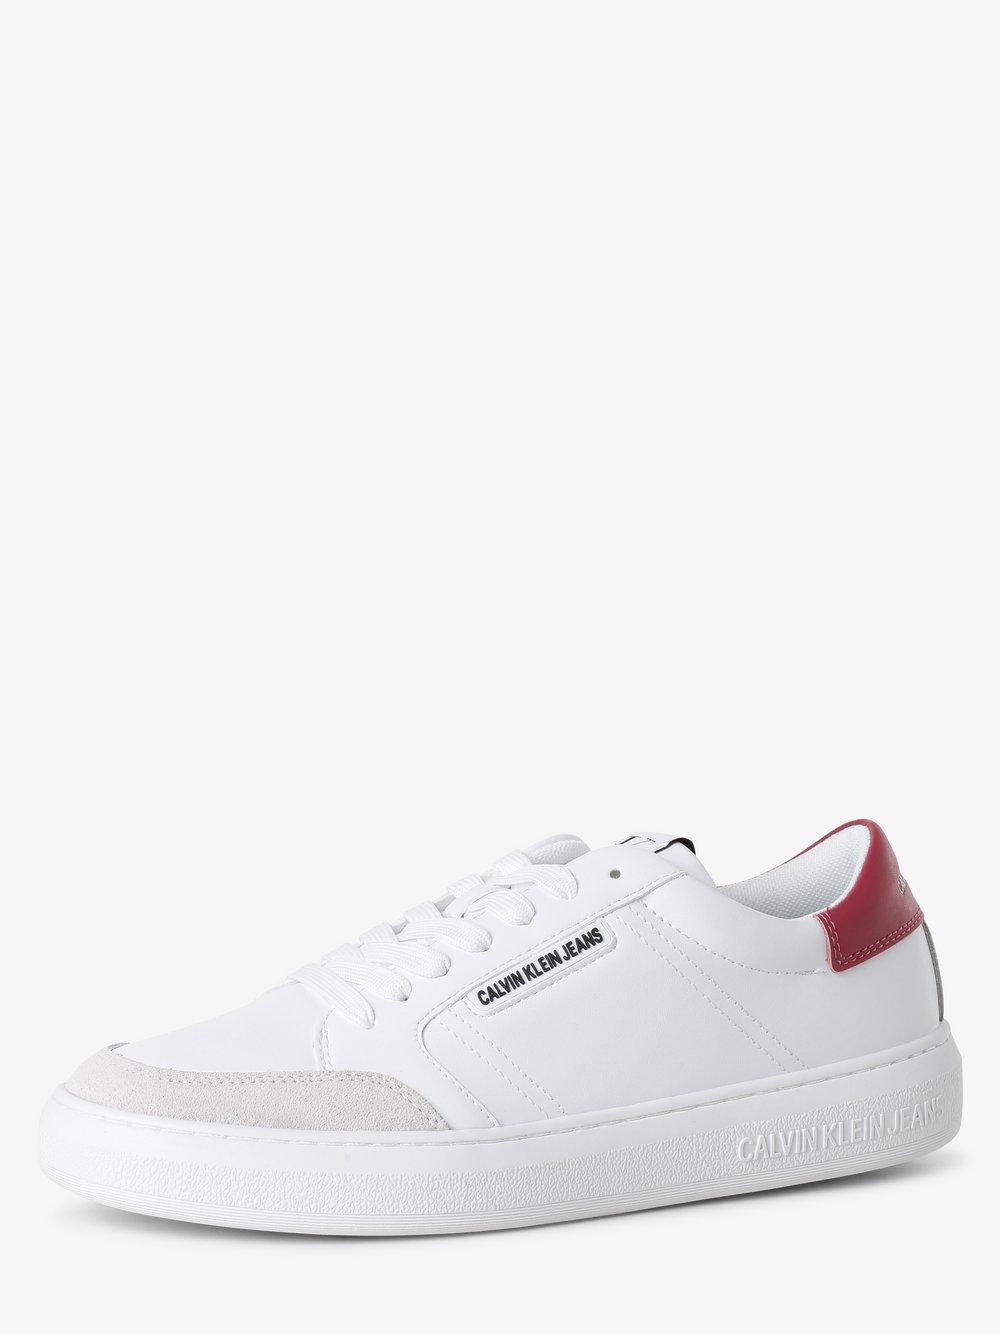 Calvin Klein Jeans - Damskie tenisówki ze skóry, biały